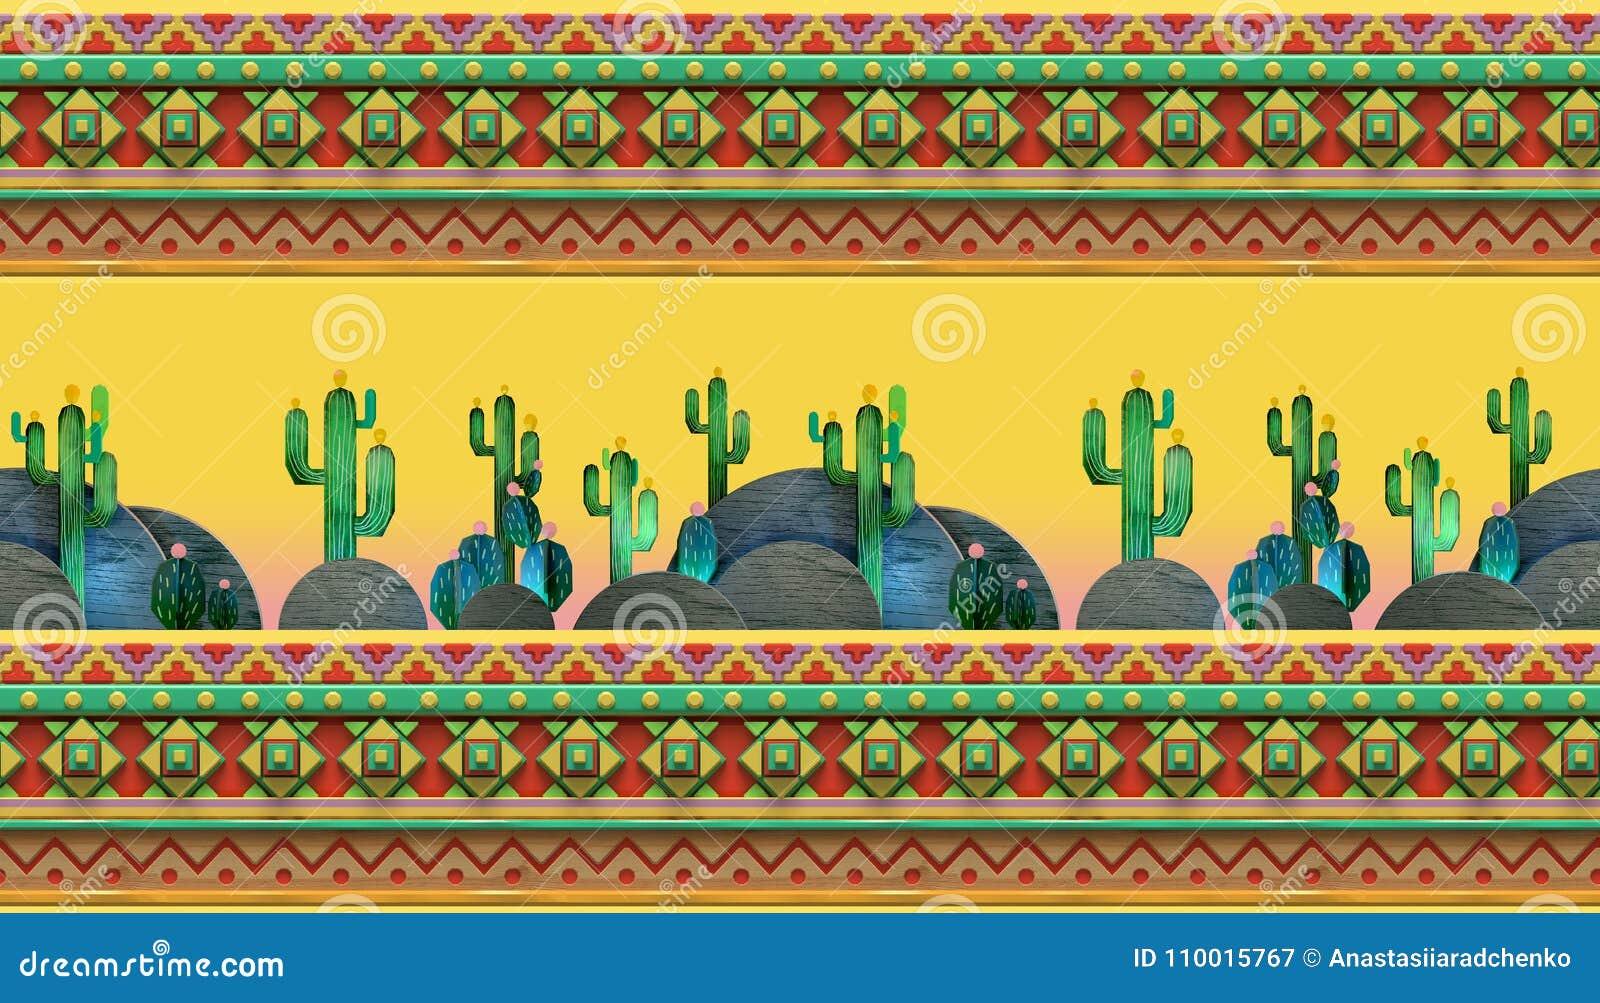 82b616d7447e0 La Representación 3d De La Historieta Estilizó El Tema Mexicano ...